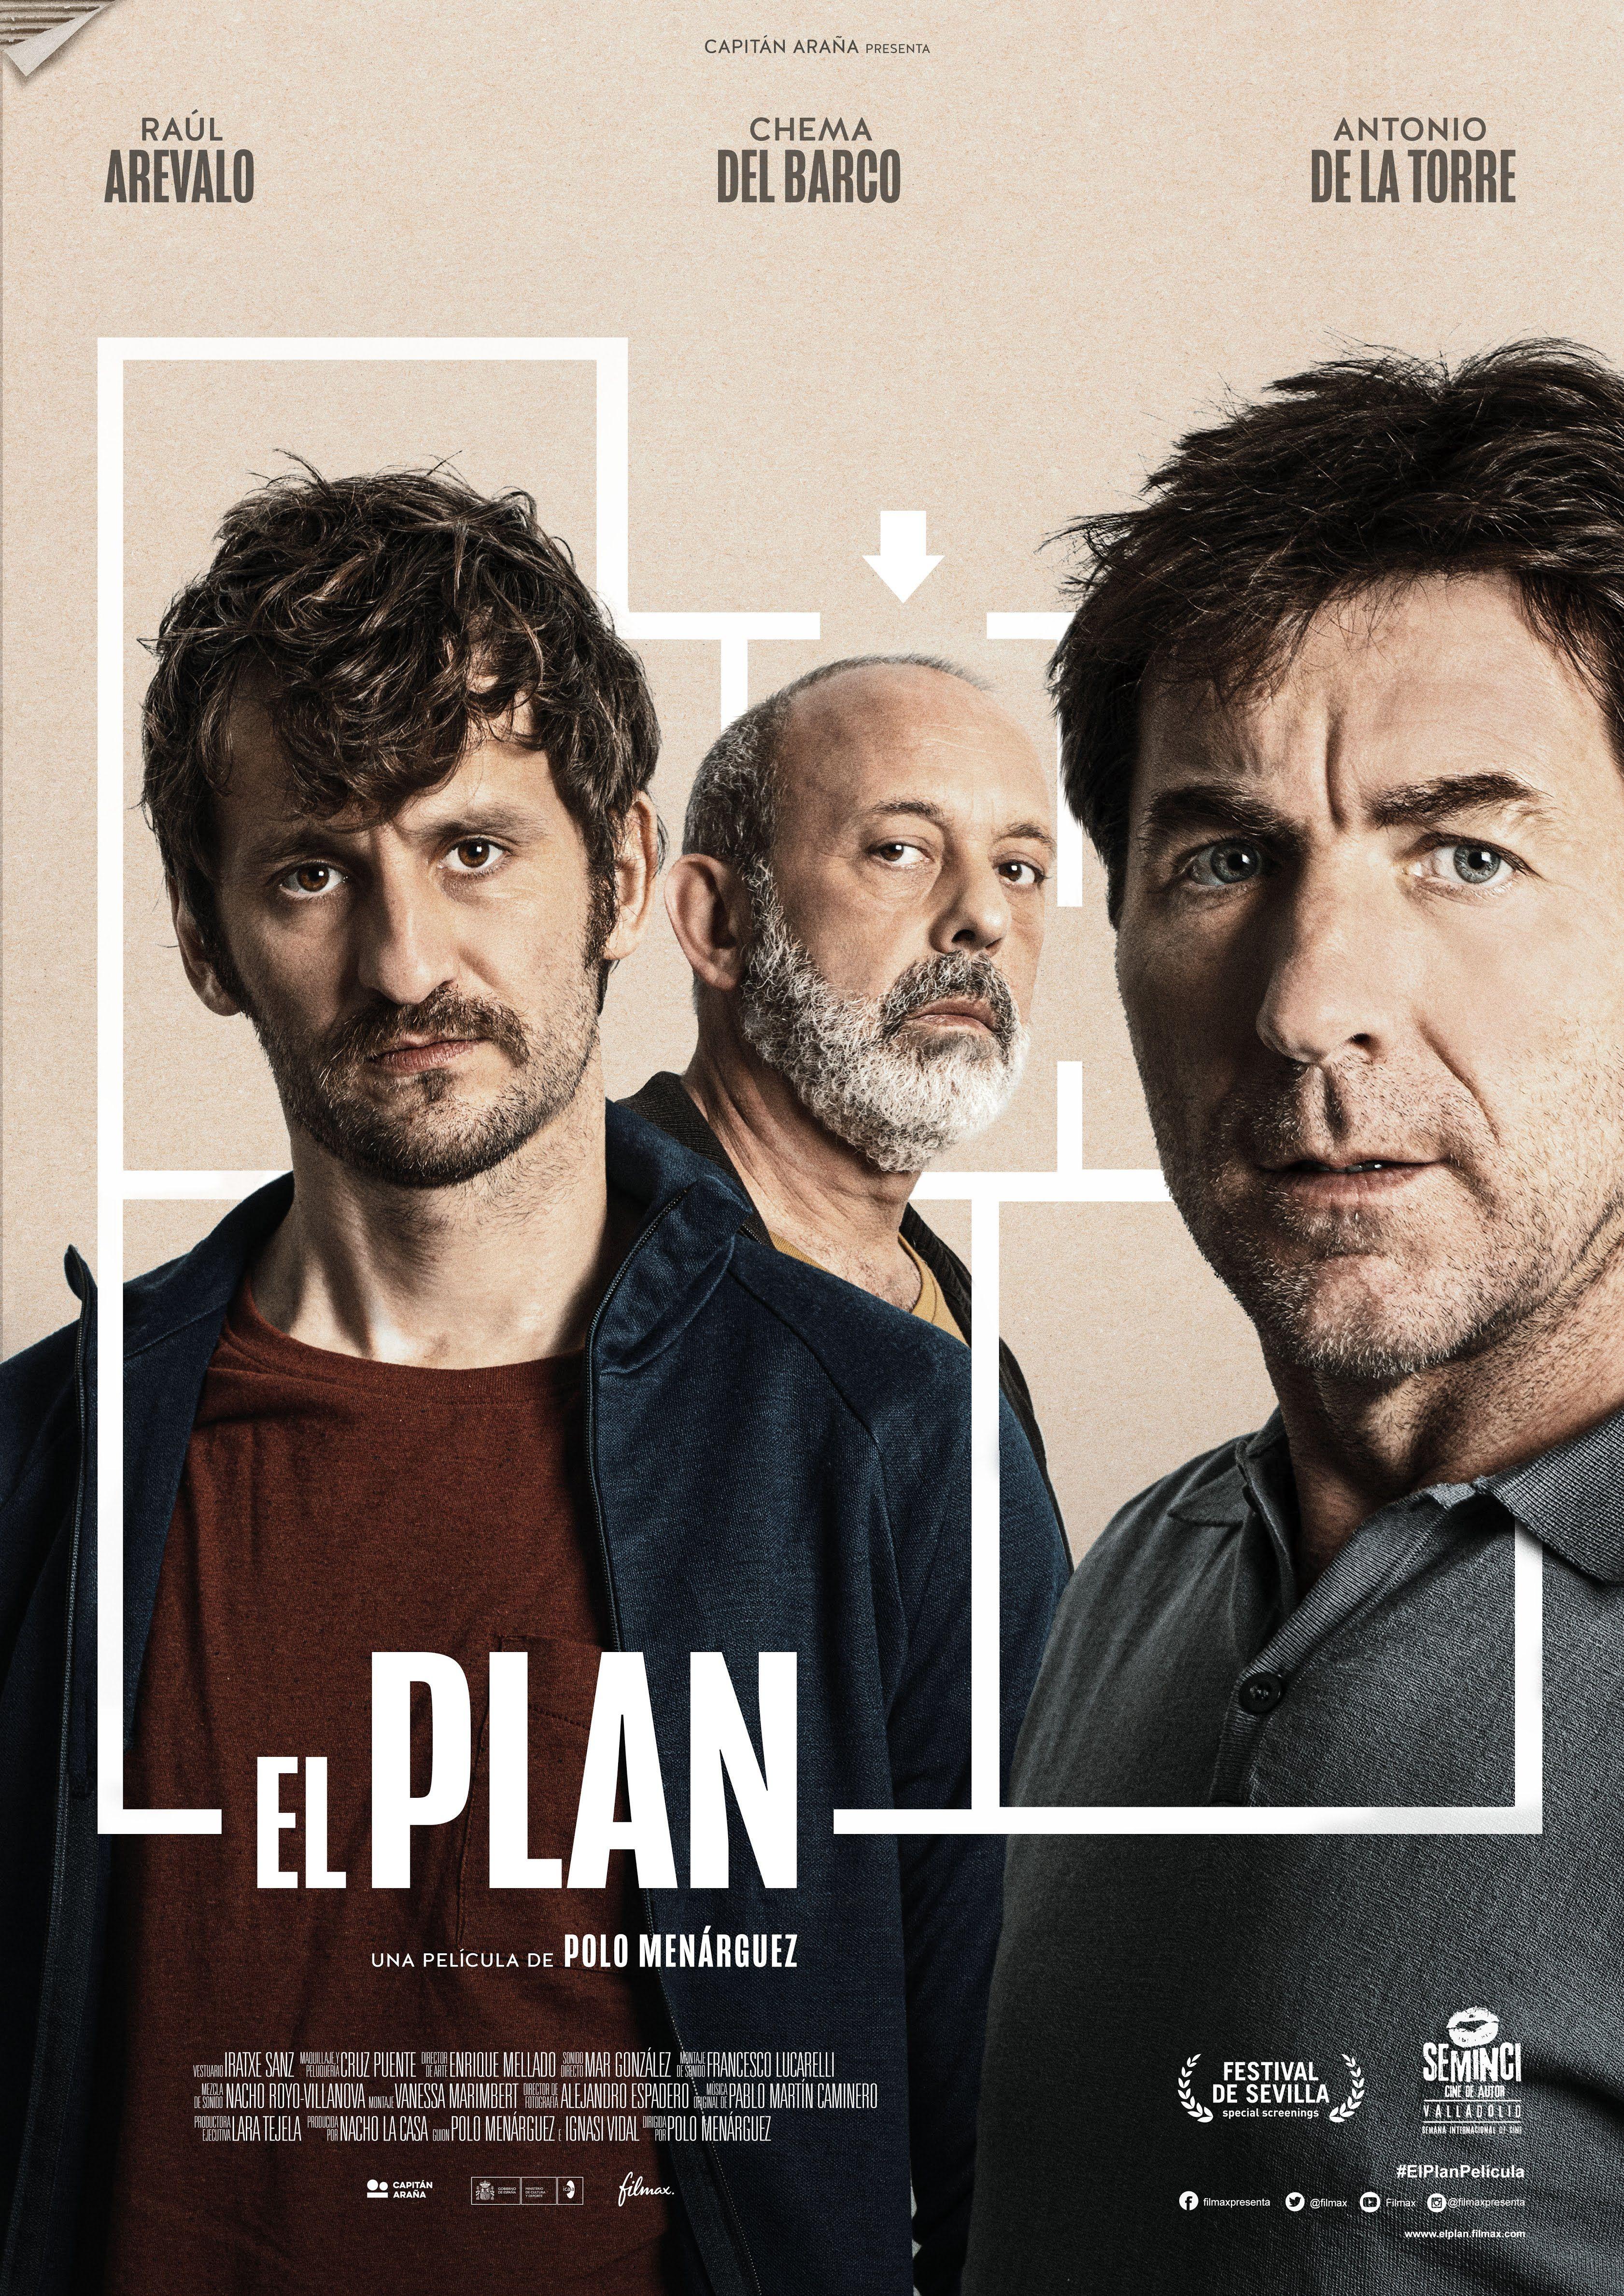 El Plan Peliculas Ver Peliculas Online Cine